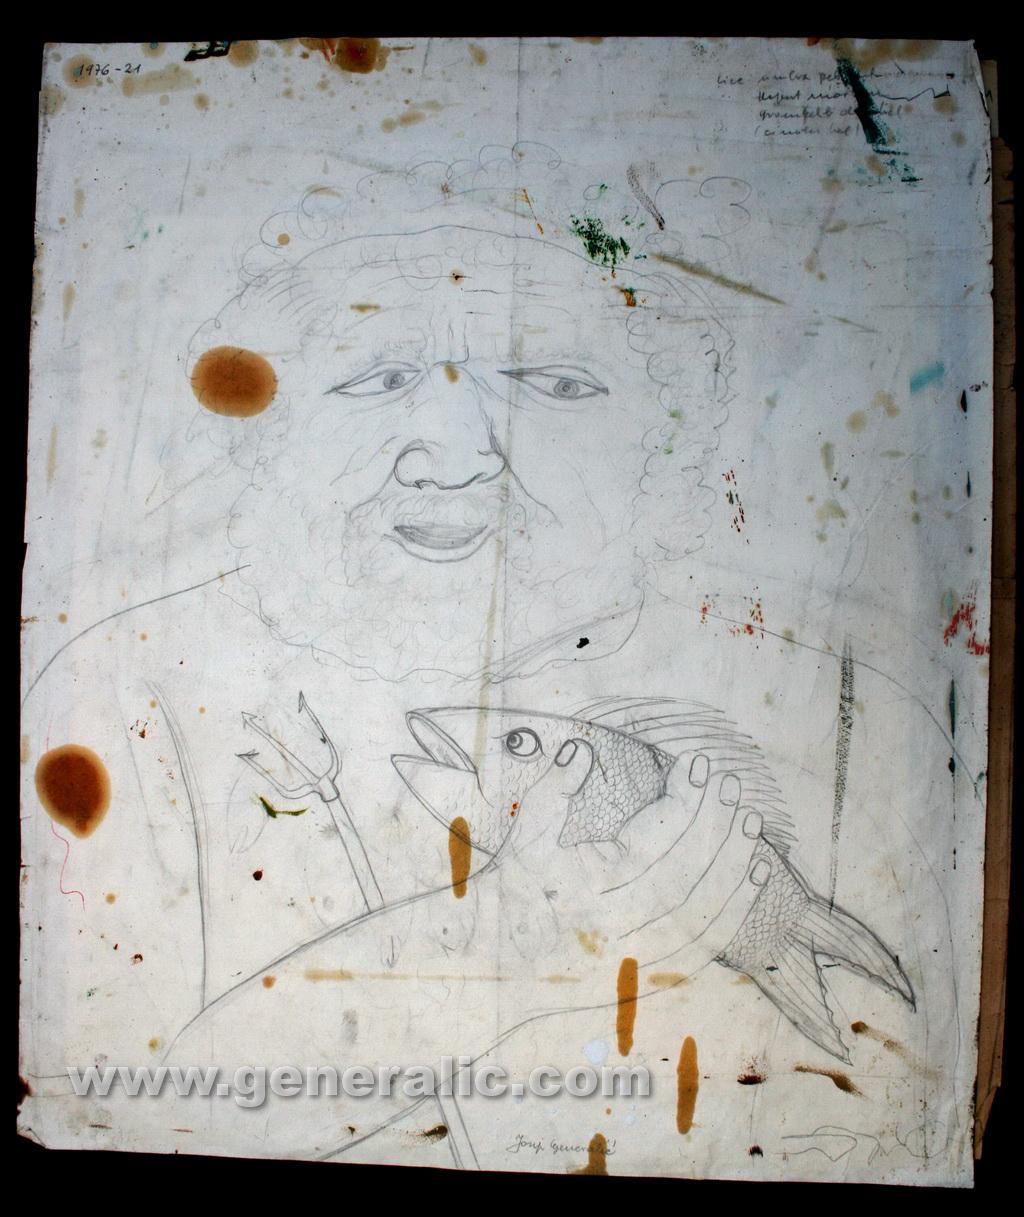 Josip Generalic, 1976, Neptune, sketch, 65x55 cm